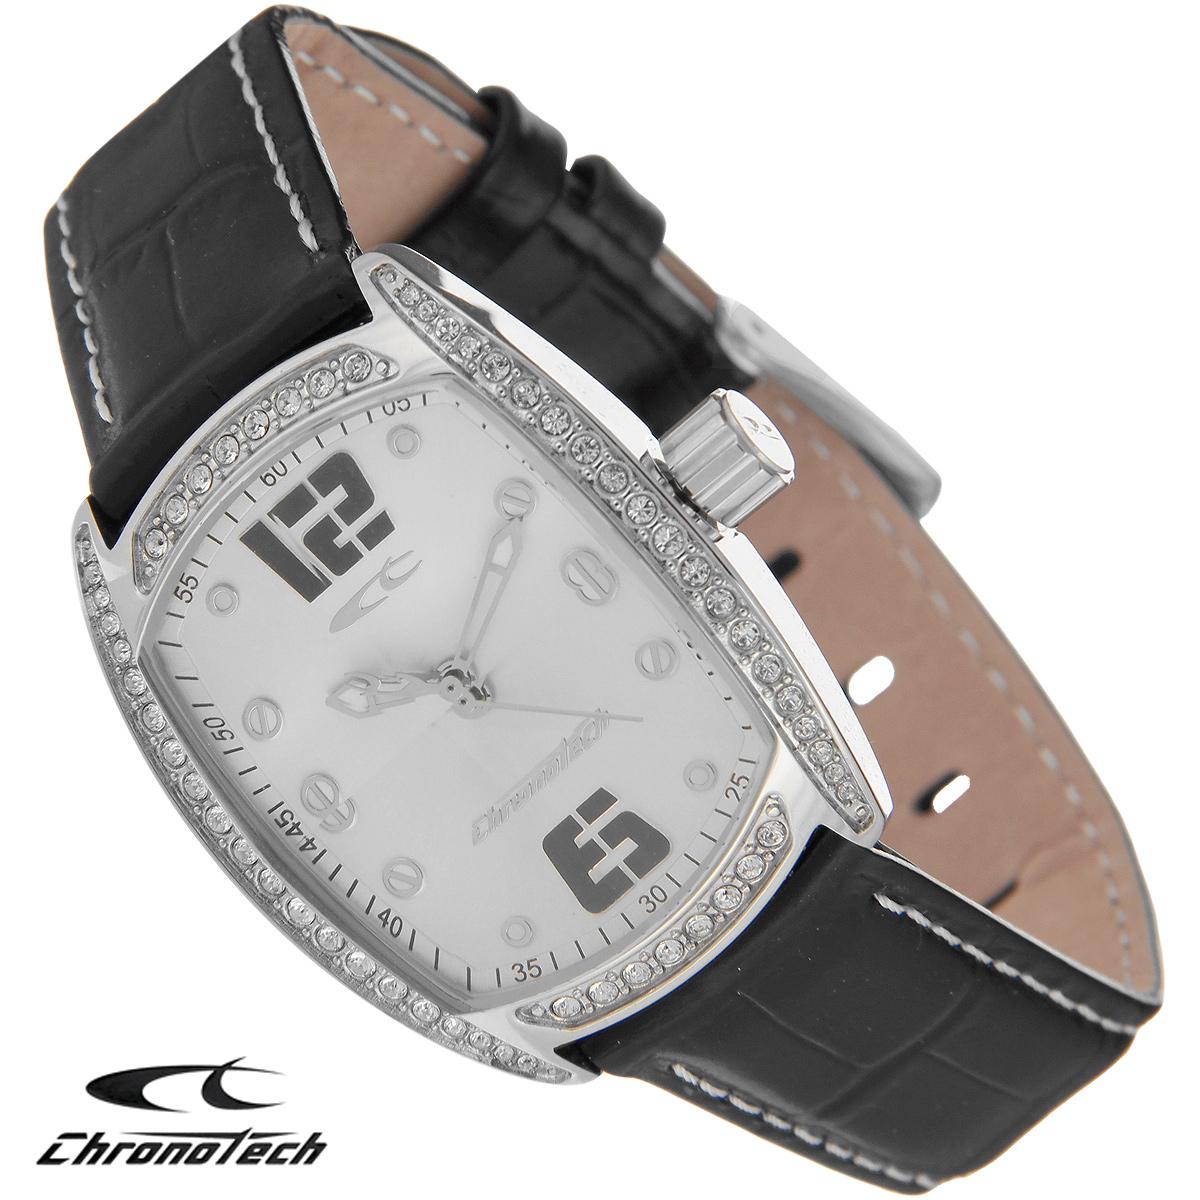 Часы женские наручные Chronotech, цвет: серебристый, черный. RW0001RW0001Часы Chronotech - это часы для современных и стильных людей, которые стремятся выделиться из толпы и подчеркнуть свою индивидуальность. Корпус часов выполнен из нержавеющей стали и по контуру циферблата оформлен стразами. Циферблат оформлен отметками и защищен минеральным стеклом. Часы имеют три стрелки - часовую, минутную и секундную. Стрелки светятся в темноте. Ремешок часов выполнен из натуральной кожи и застегивается на классическую застежку. Часы упакованы в фирменную коробку с логотипом компании Chronotech. Такой аксессуар добавит вашему образу стиля и подчеркнет безупречный вкус своего владельца. Характеристики: Размер циферблата: 2,5 см х 3 см. Размер корпуса: 3 см х 3,8 см х 0,9 см. Длина ремешка (с корпусом): 23 см. Ширина ремешка: 1,6 см.